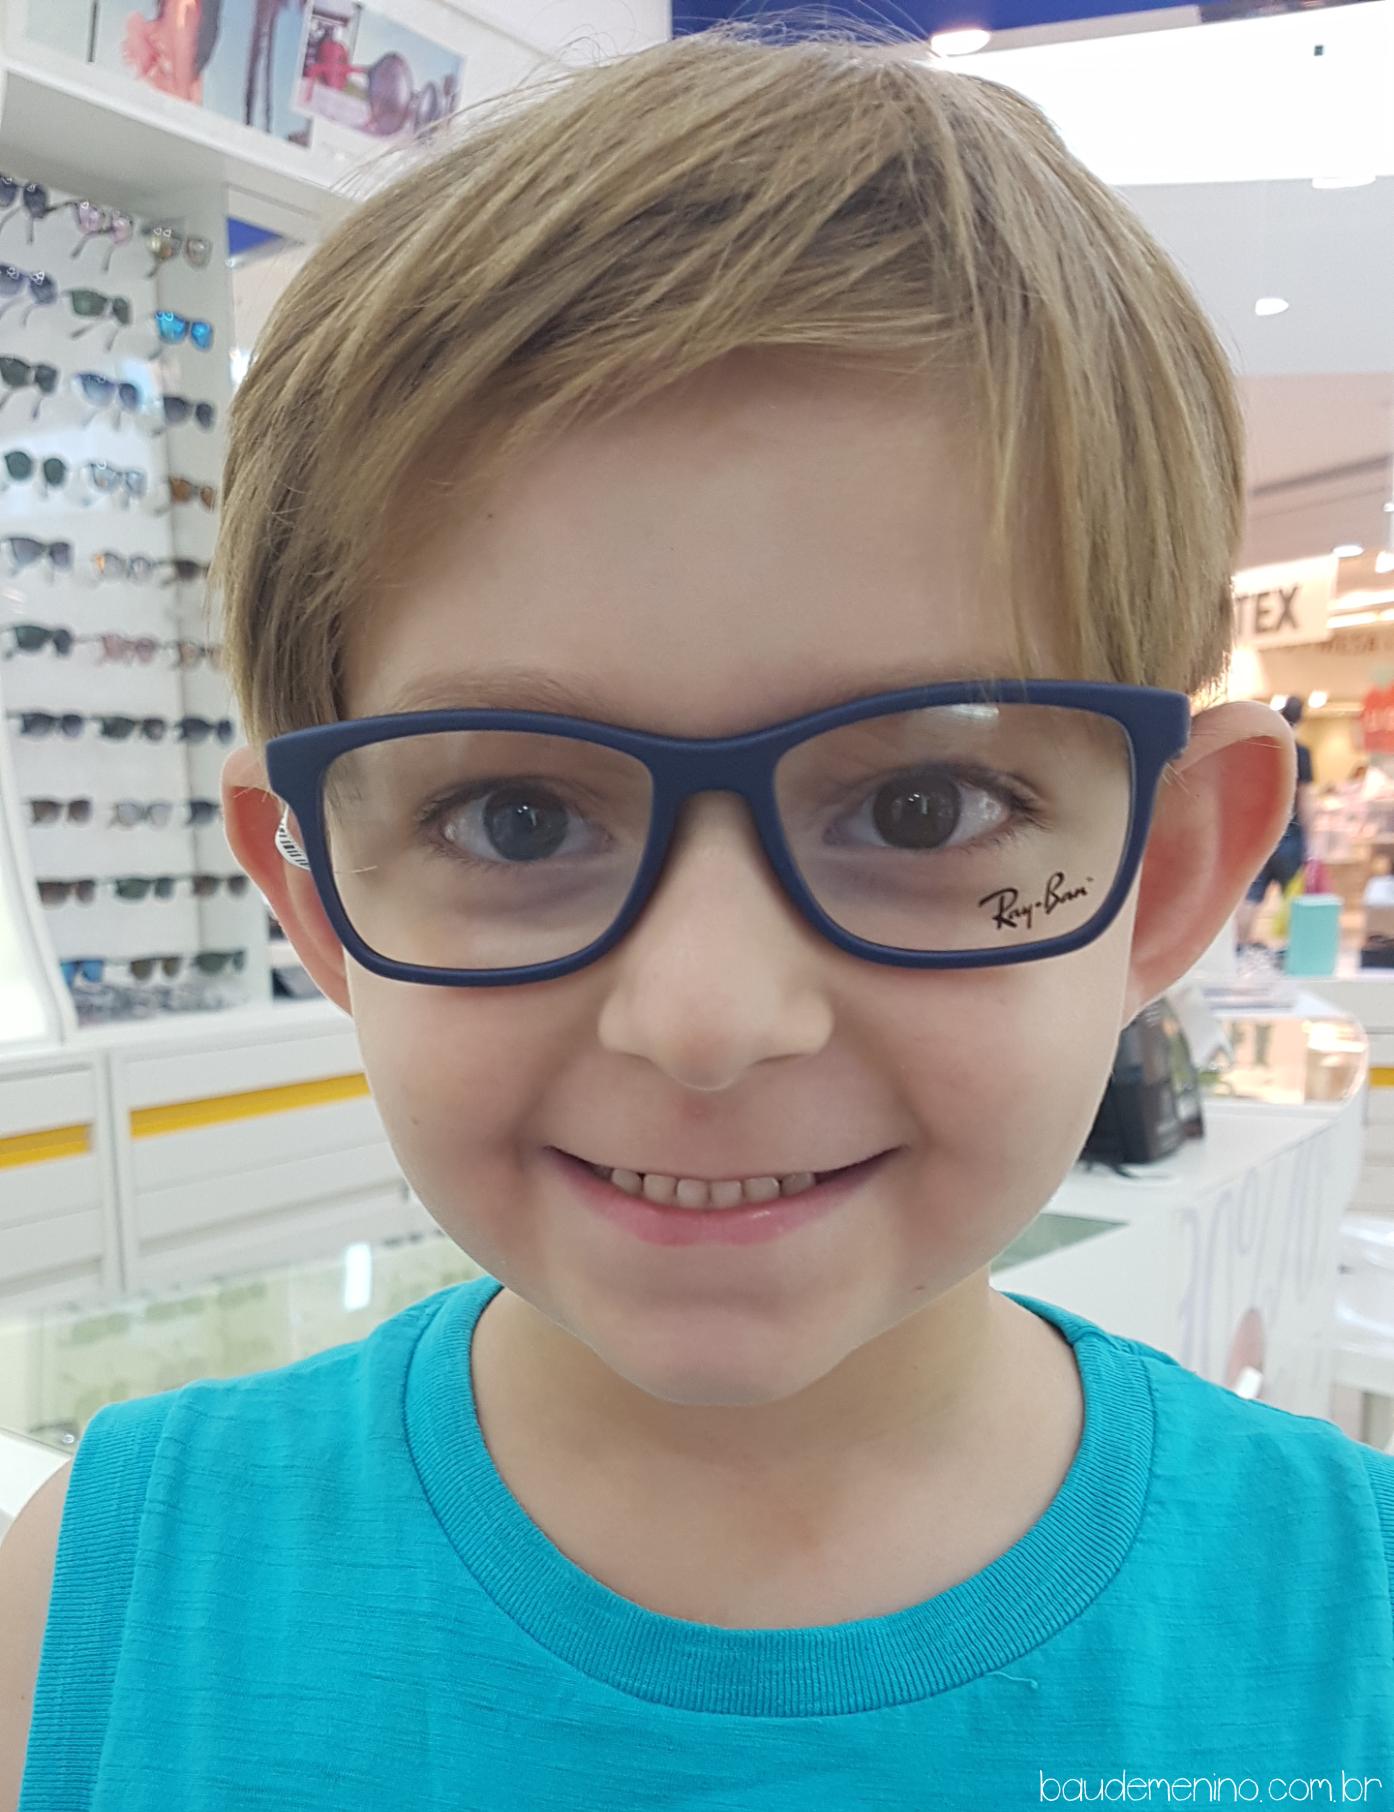 4bea996ac Meu filho precisa usar óculos - Como ajudá-lo? - Baú de Menino